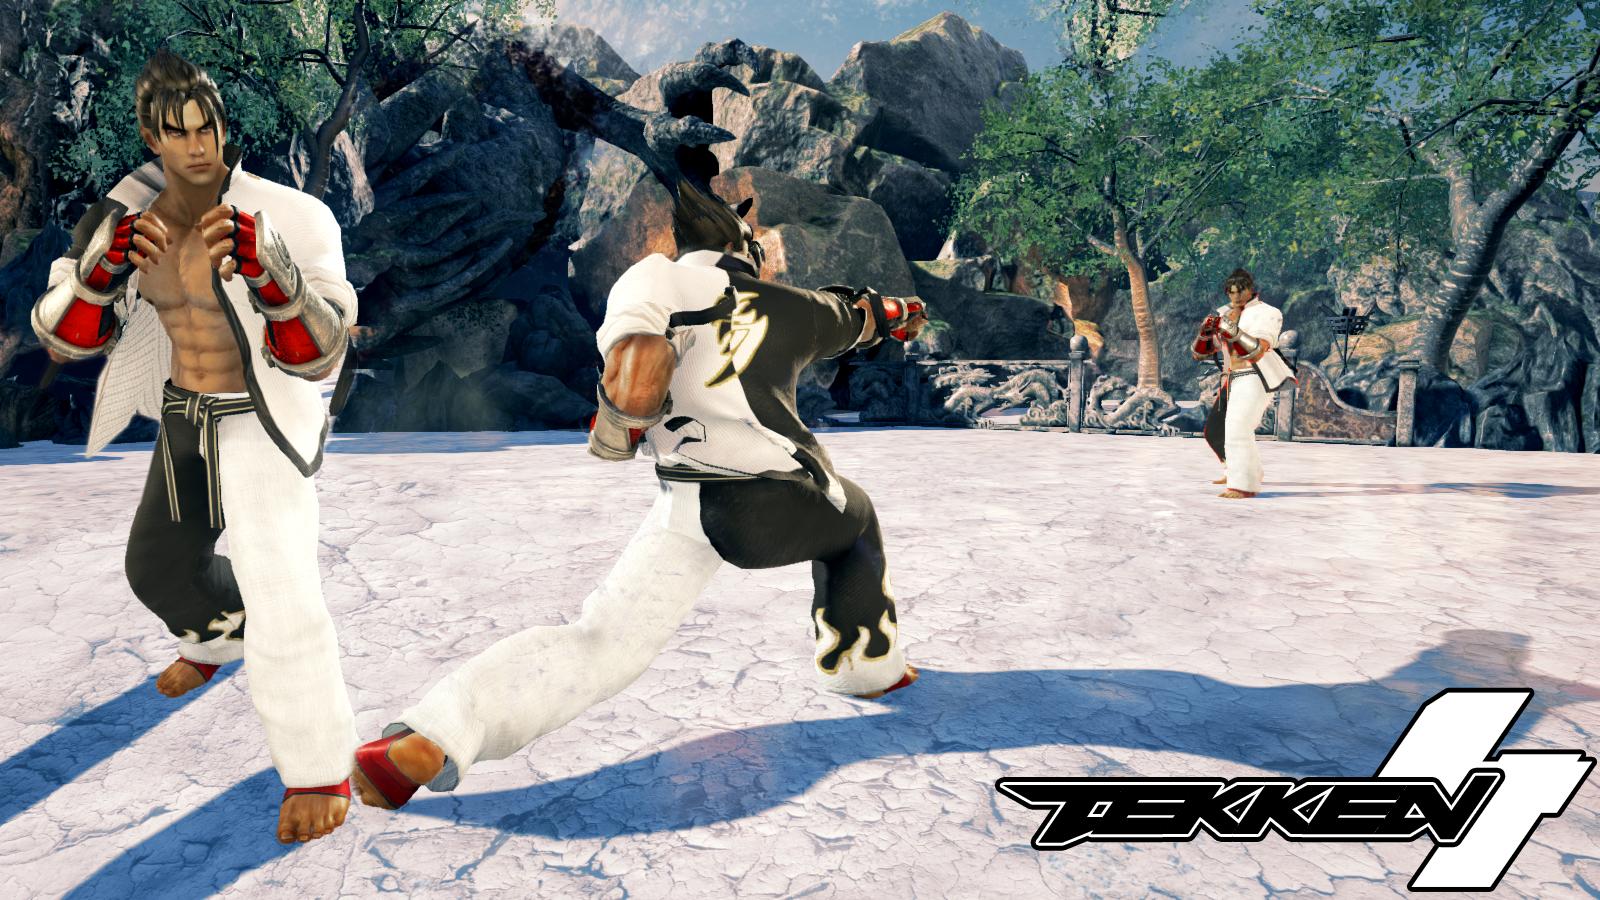 Tekken 7 Jin Kazama Tekken 4 Costume Mod By Thebigbenj On Deviantart